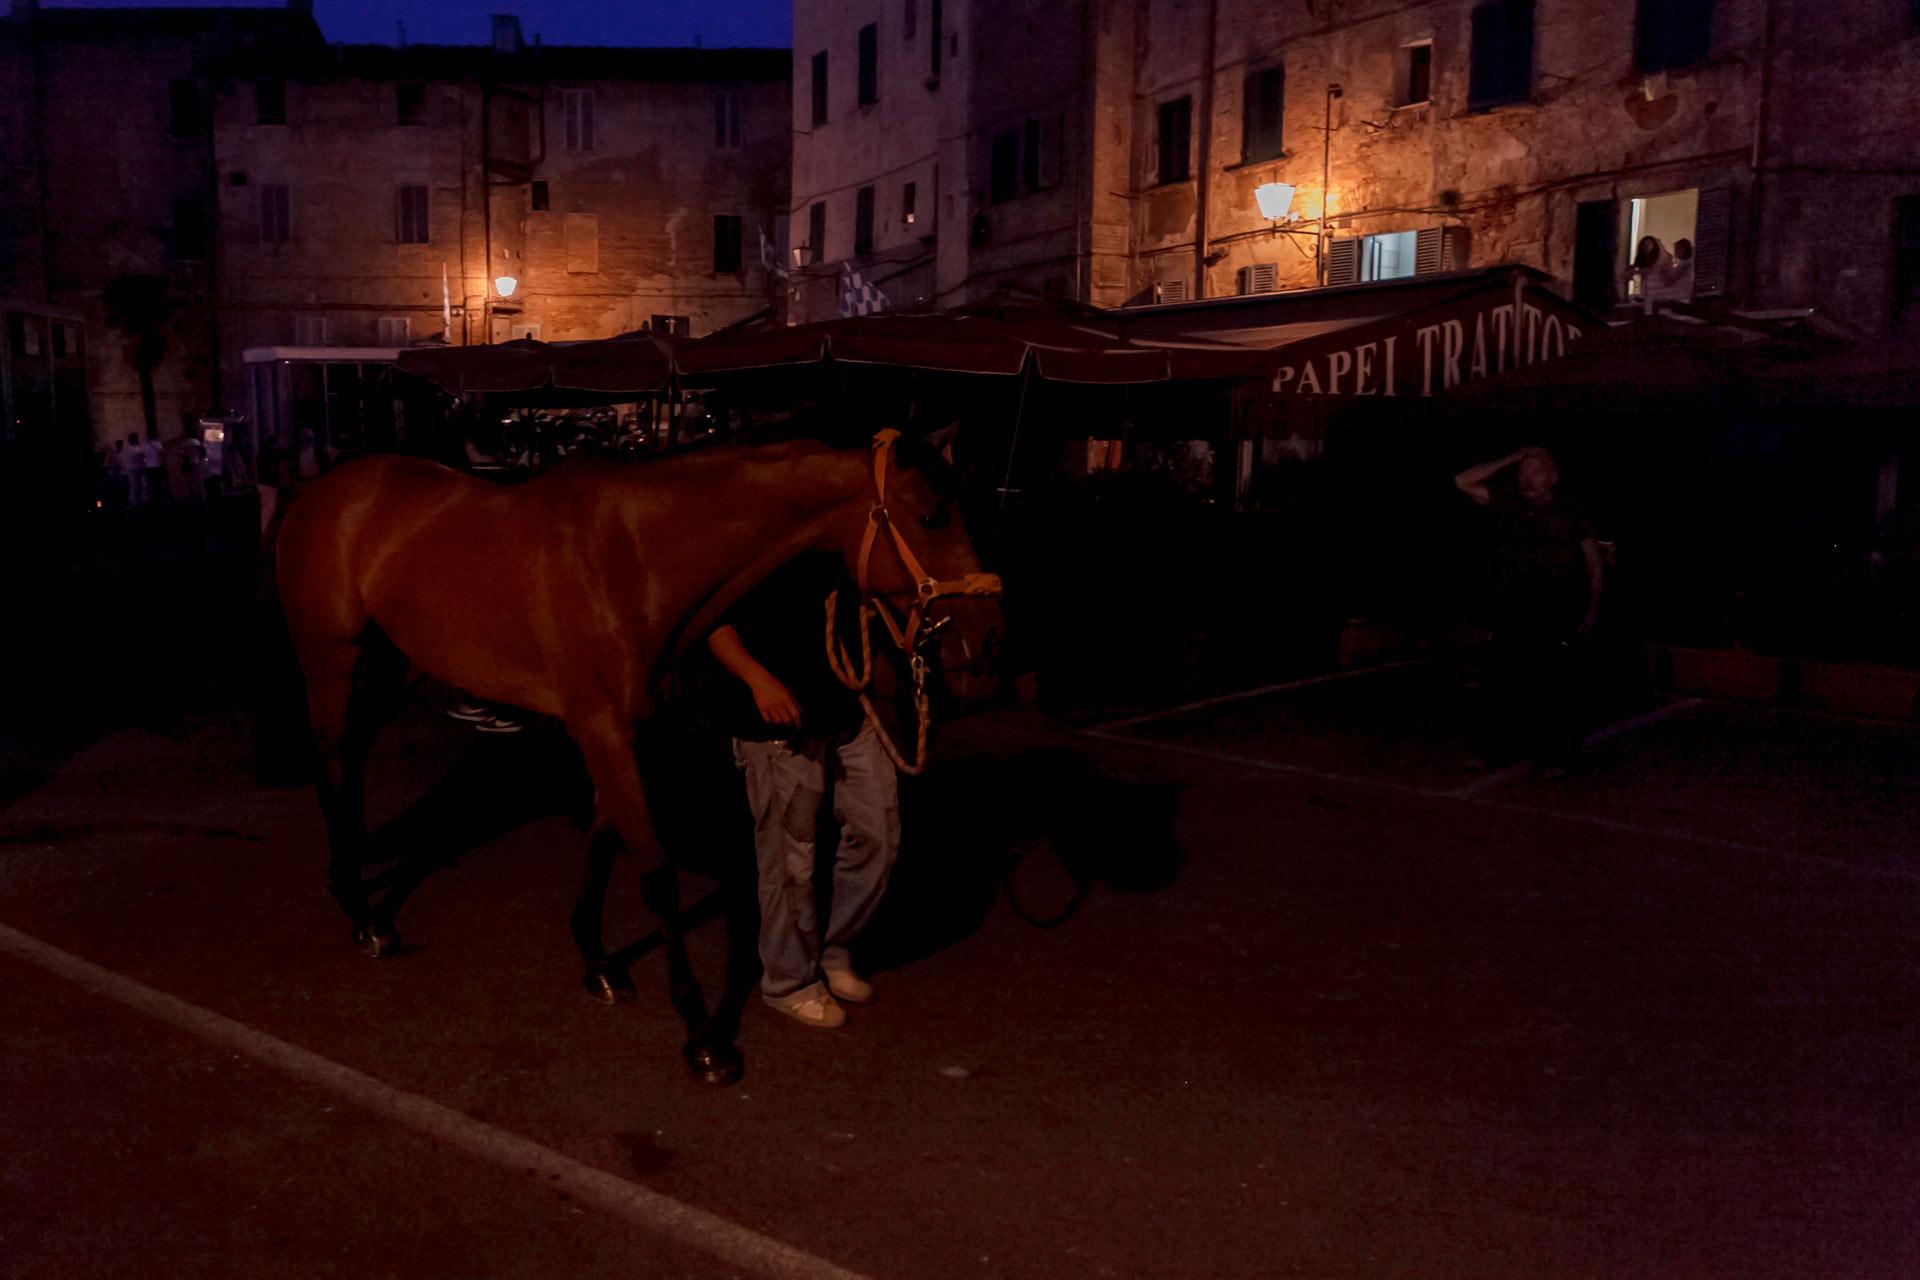 LE CORSE DI NOTTE - Ci siamo, i giorni del Palio sono alle porte. Appuntamento con il Barbaresco all?alba in Piazza del Mercato. ? l? che arrivano tutti i cavalli a bordo dei loro Van attrezzati per il trasporto in sicurezza.